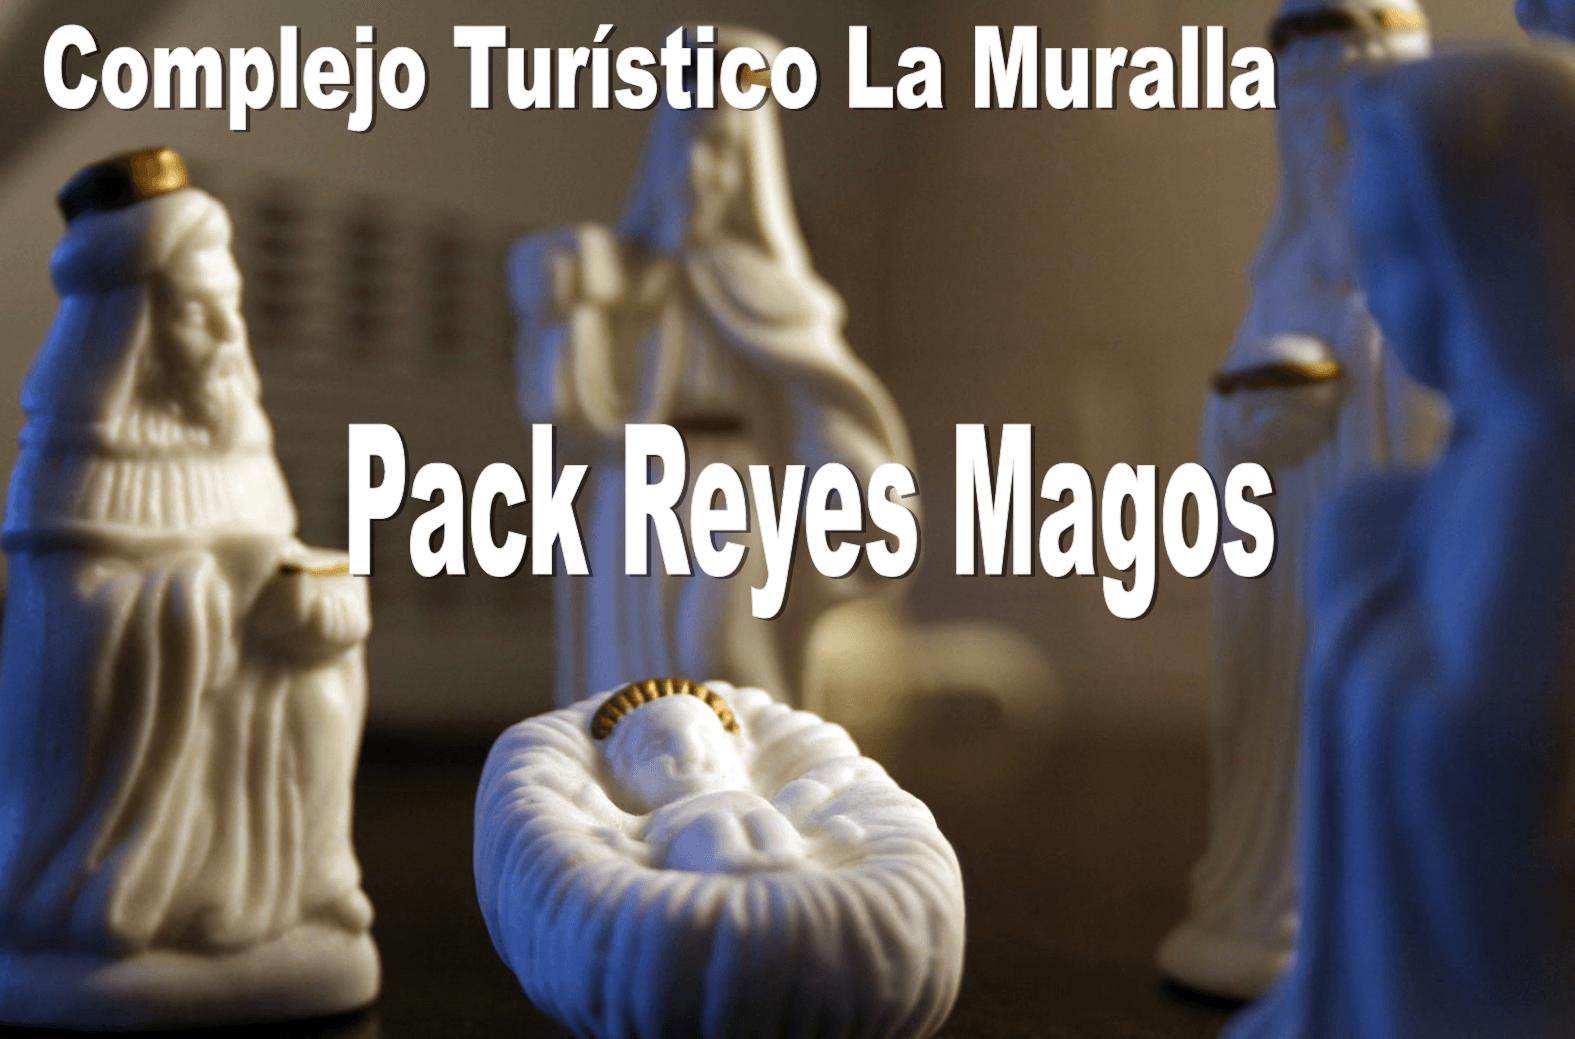 Pack Reyes Cuenca